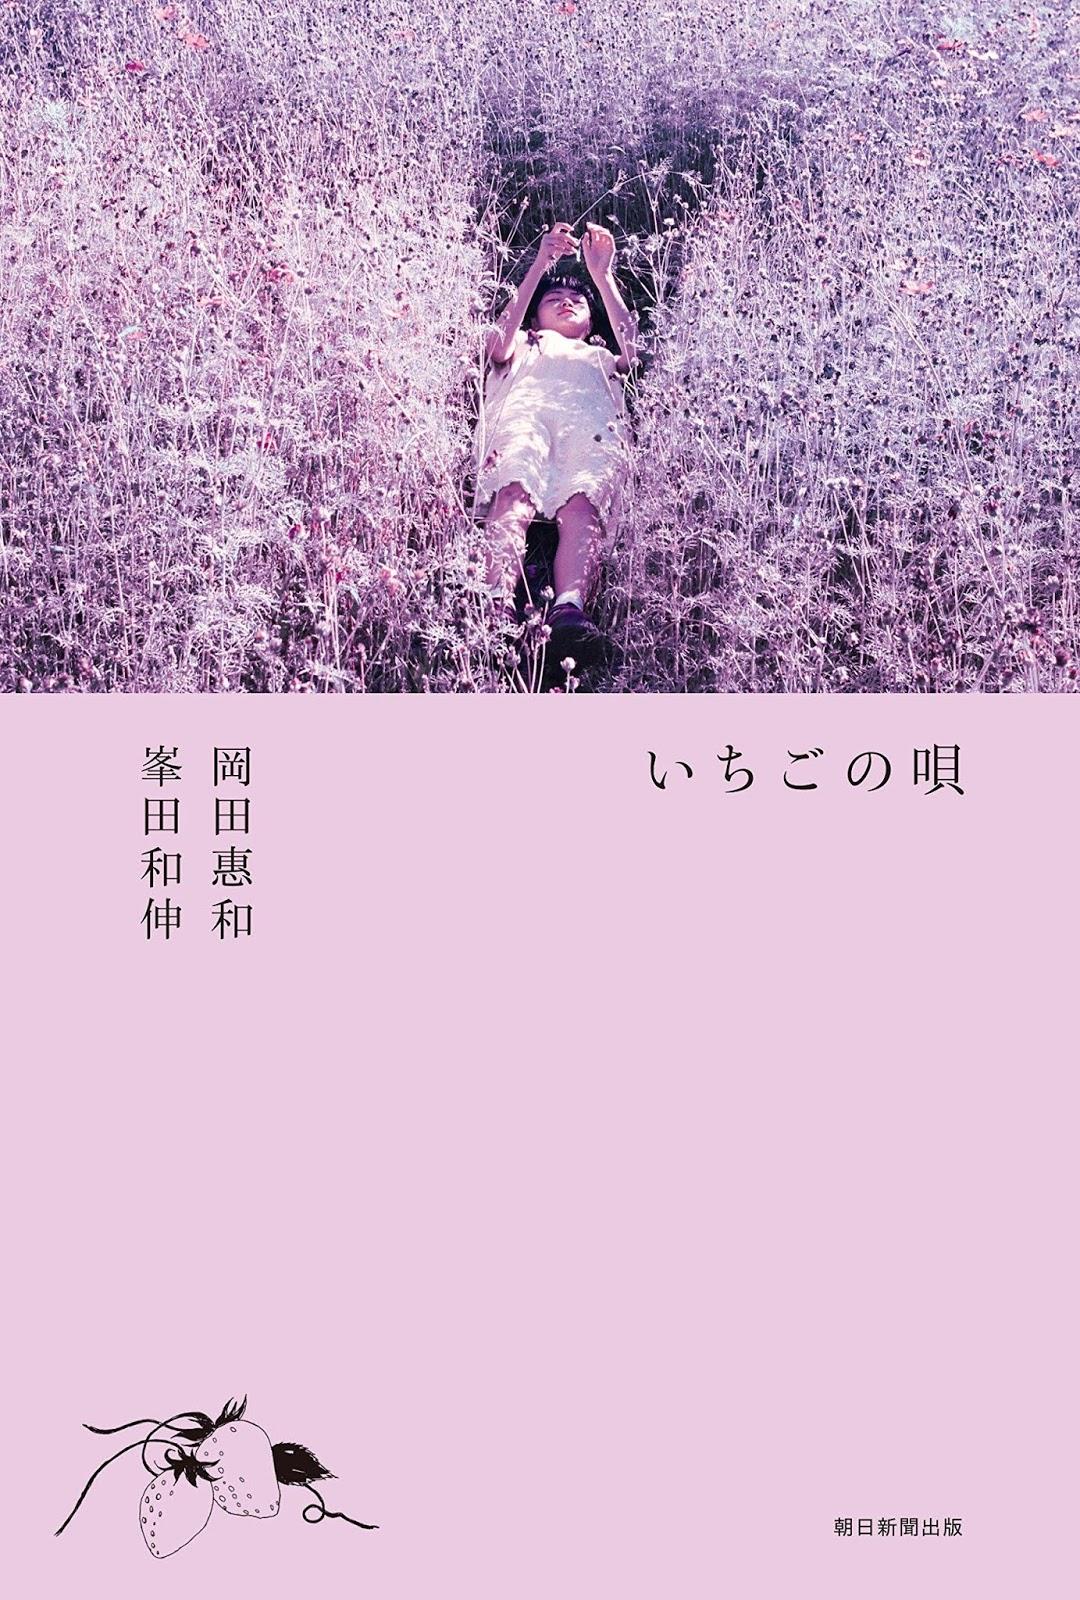 Ichigo No Uta - Yoshikazu Okad